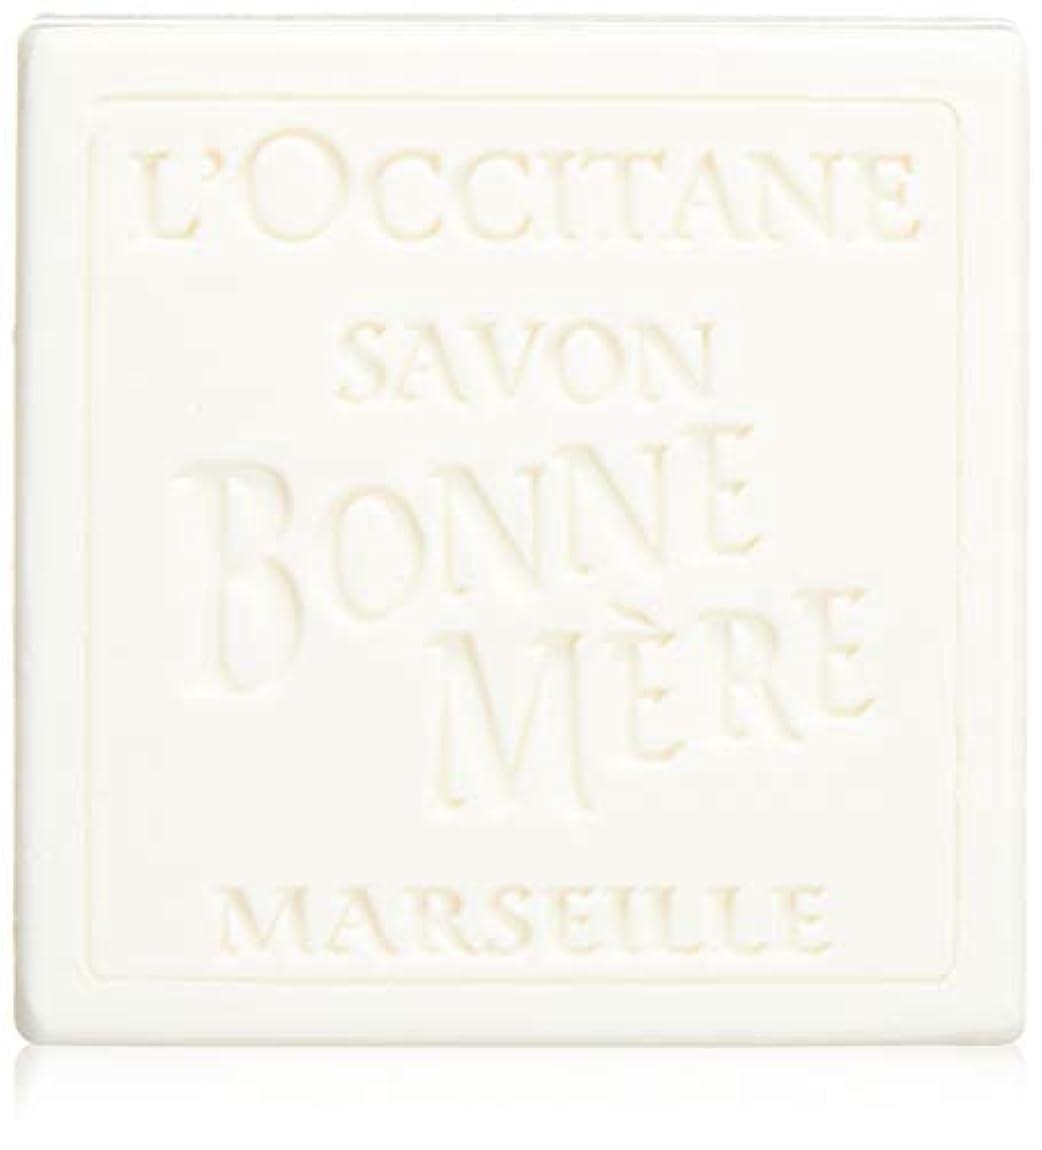 割る何十人も温度ロクシタン(L'OCCITANE) ボンメールソープ ミルク 100g